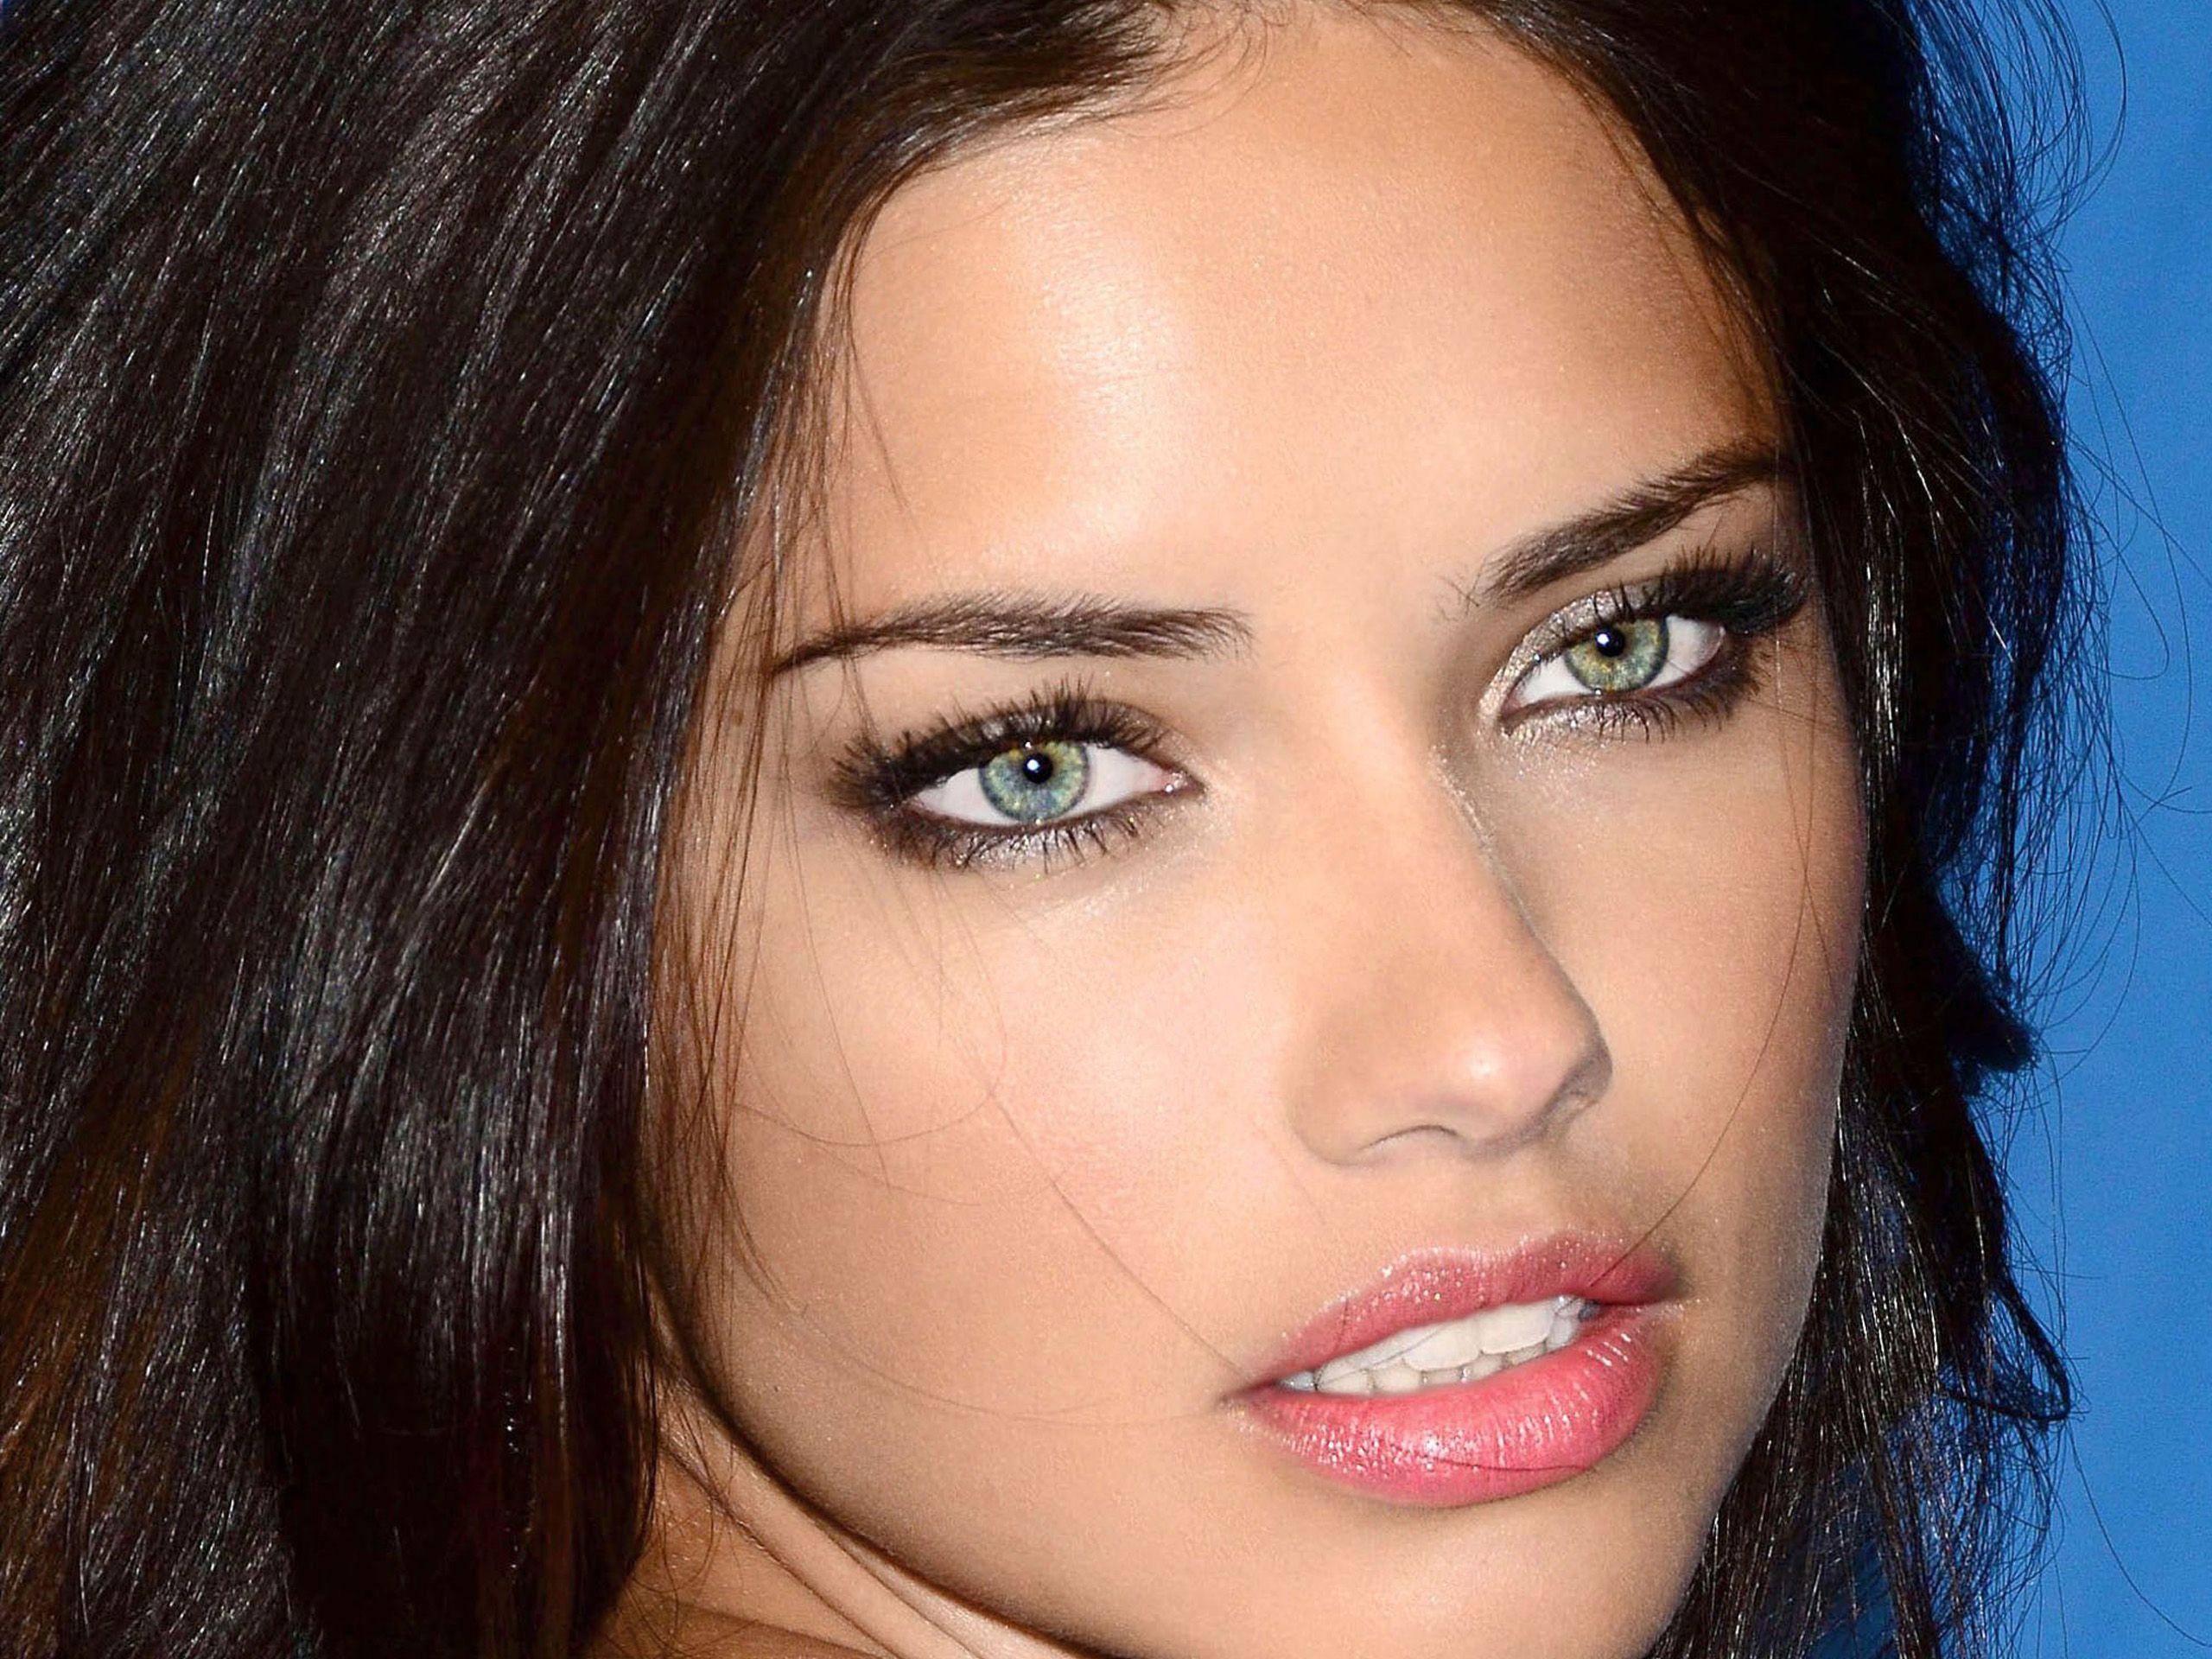 Актрисы с красивыми губами фото